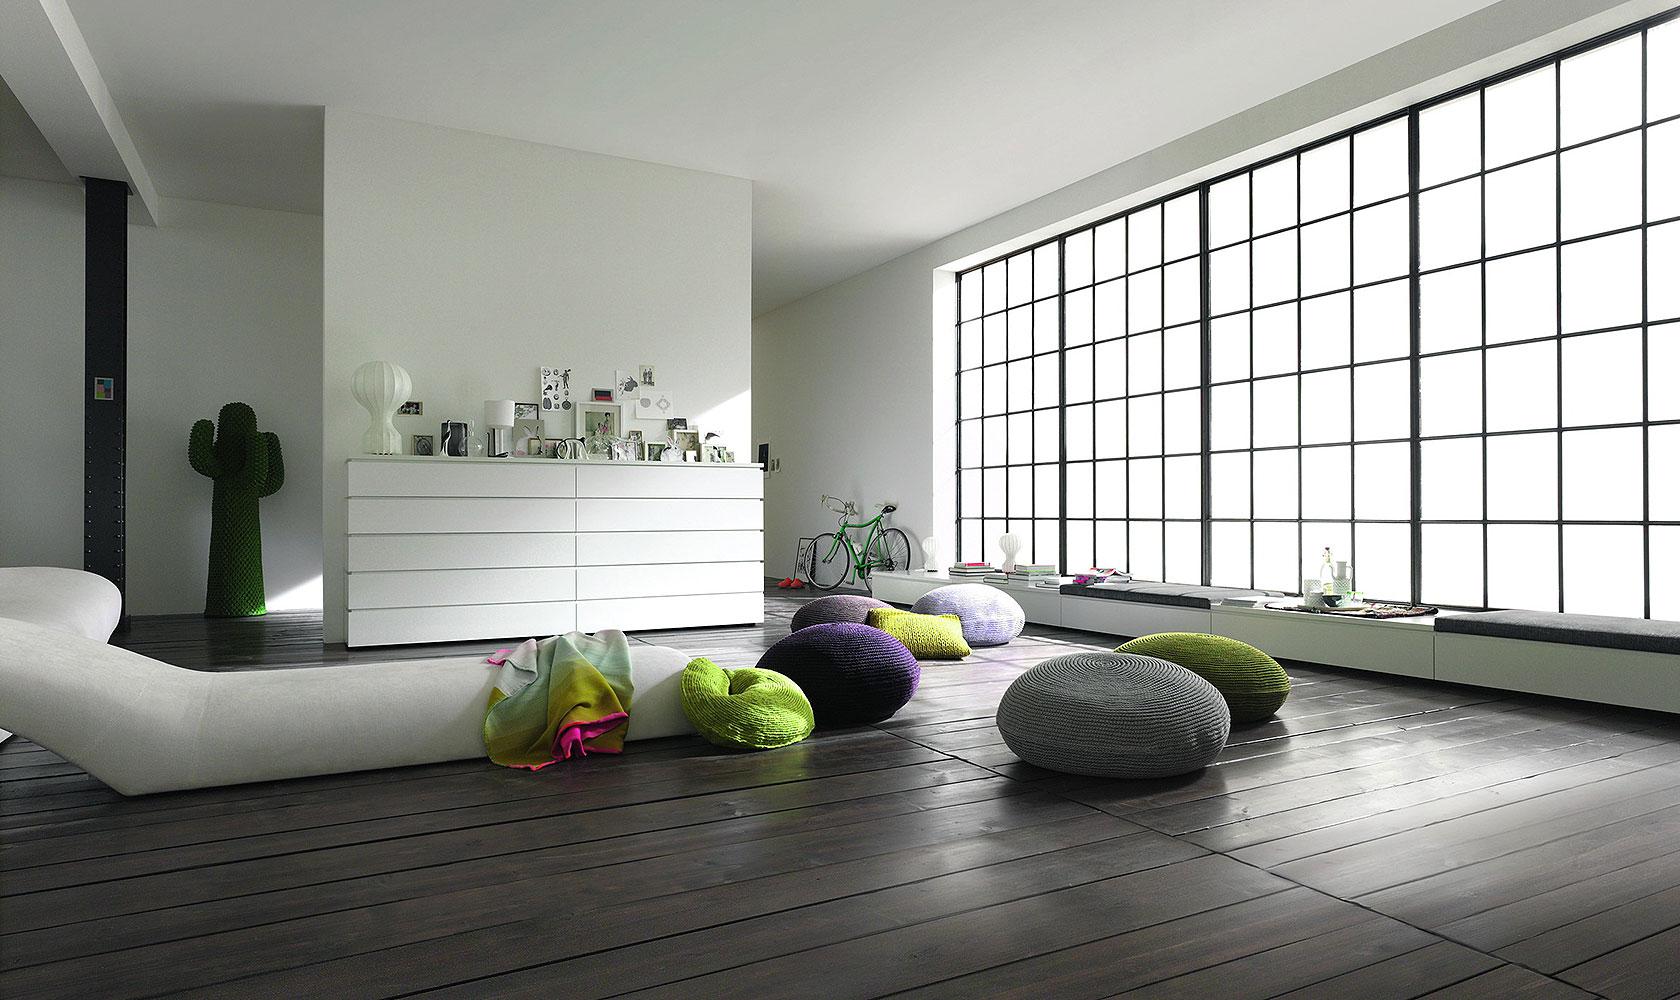 Raumdesign  Hamacher Raumdesign - Möbel, Stoffe, Bodenbeläge, Leuchten